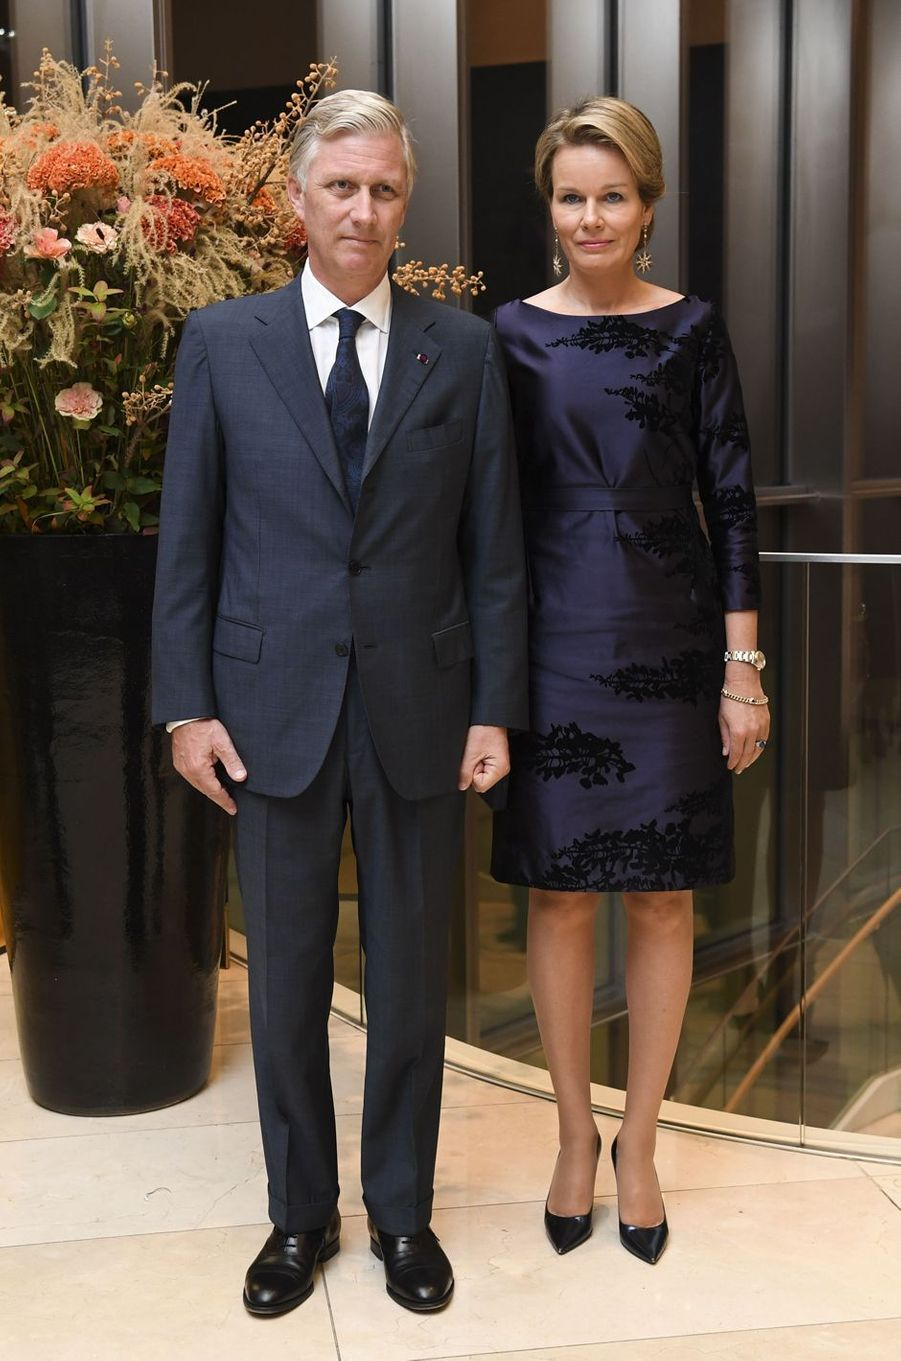 La reine Mathilde et le roi Philippe de Belgique à l'ambassade de Belgique à Tokyo, le 10 octobre 2016